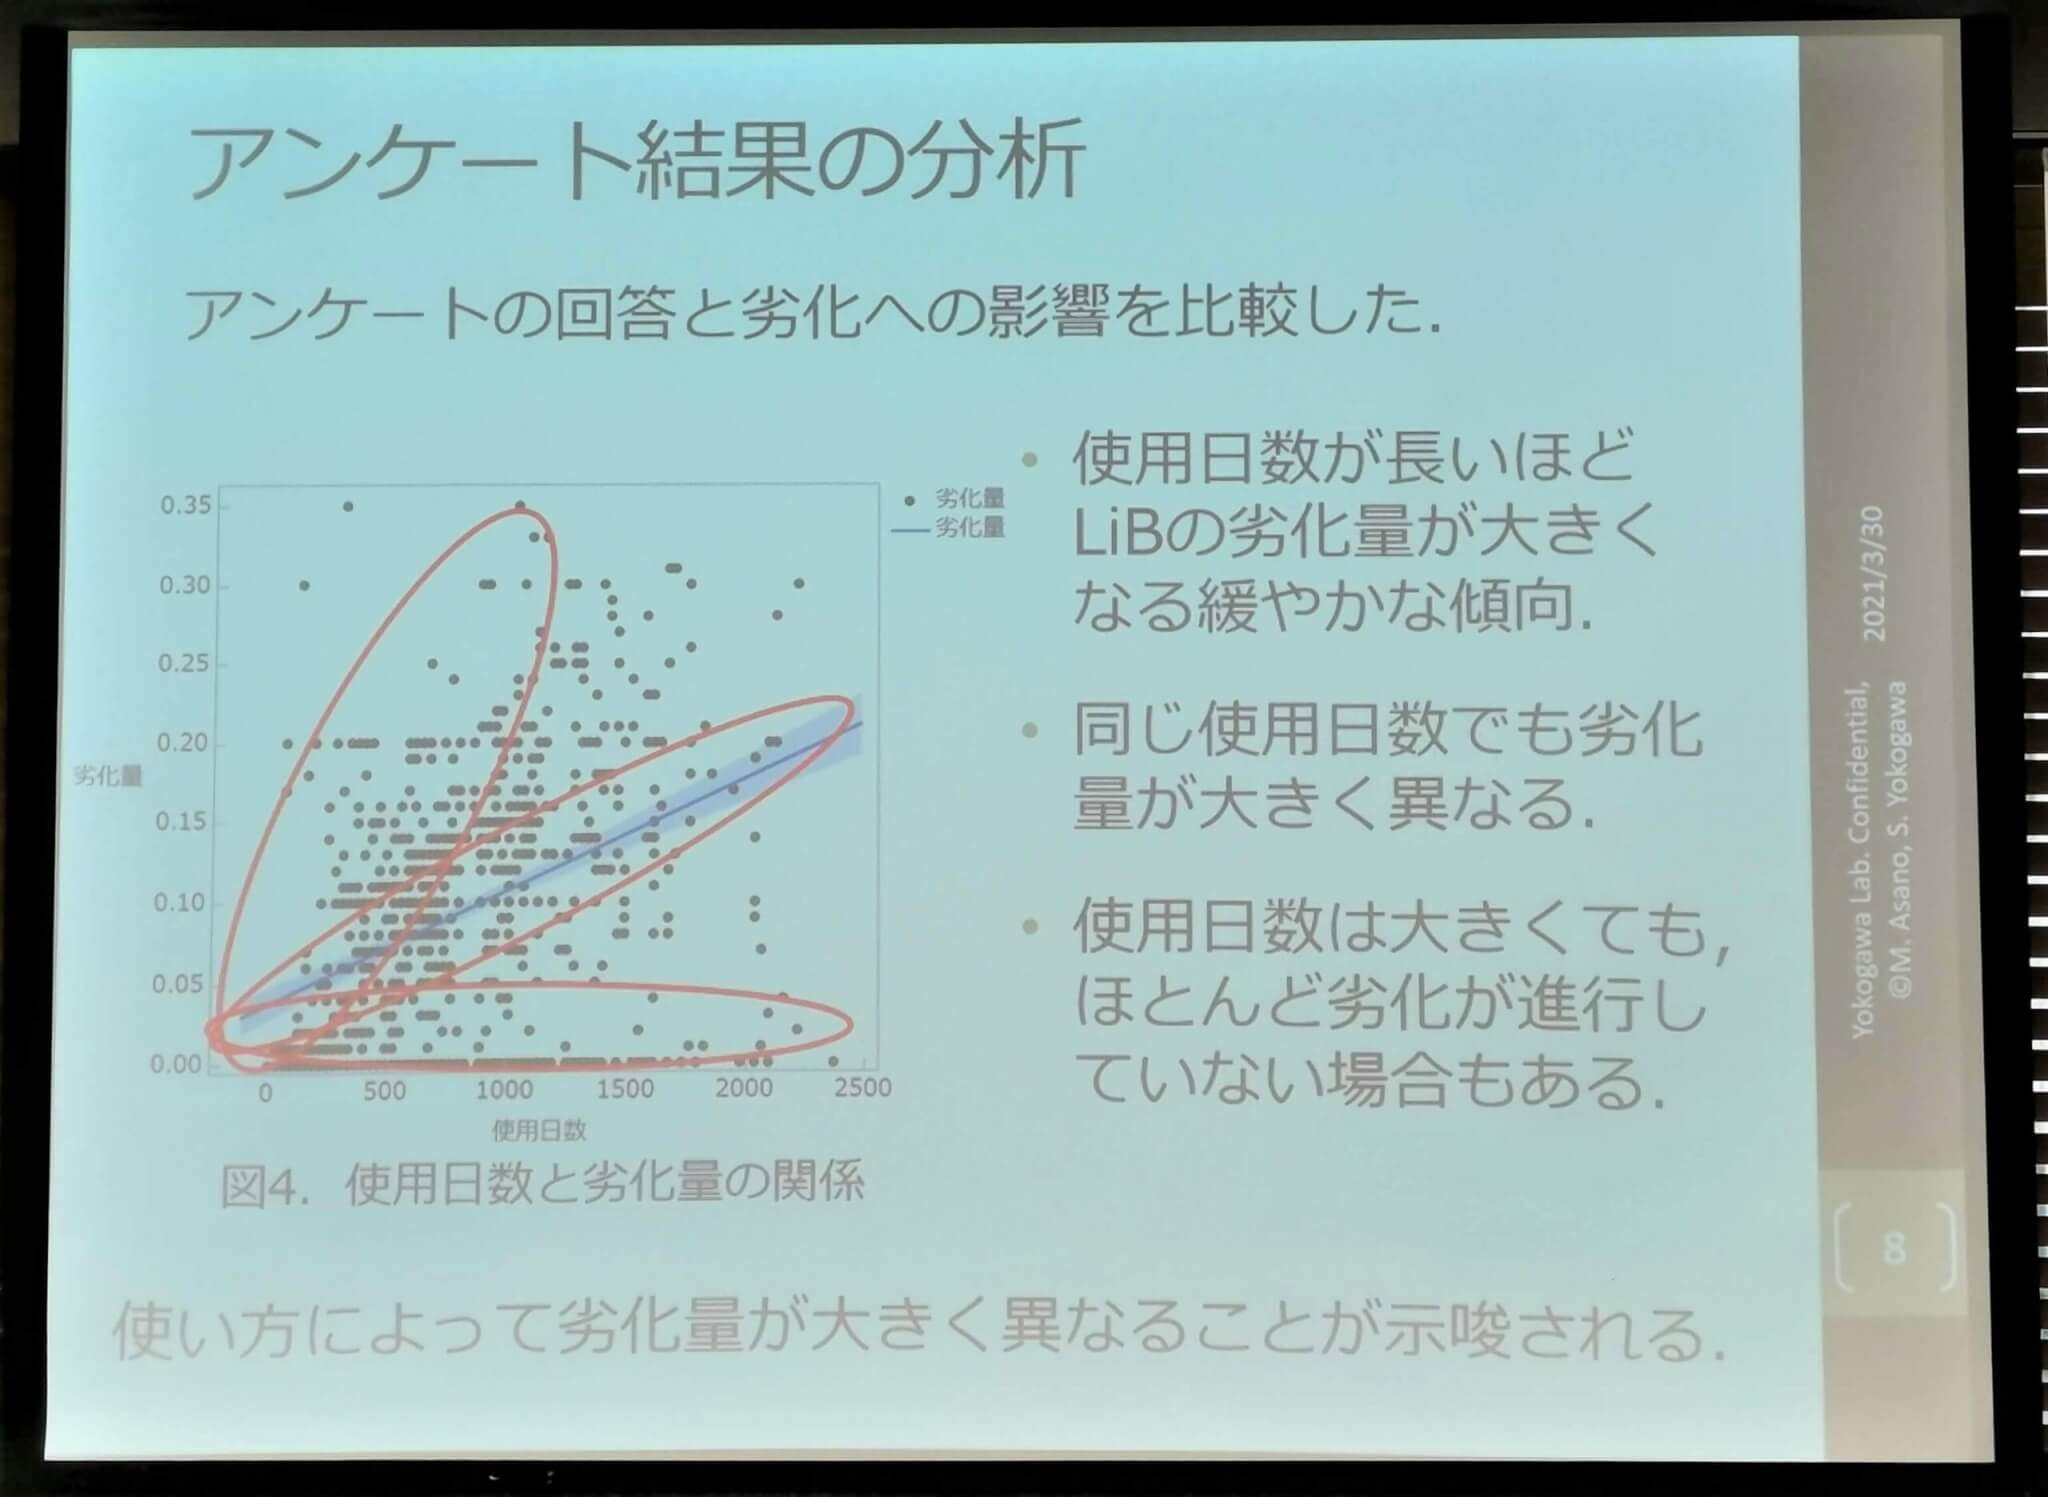 使用日数と劣化量の関係を見ると、大きく3つのグループに分布が見られた